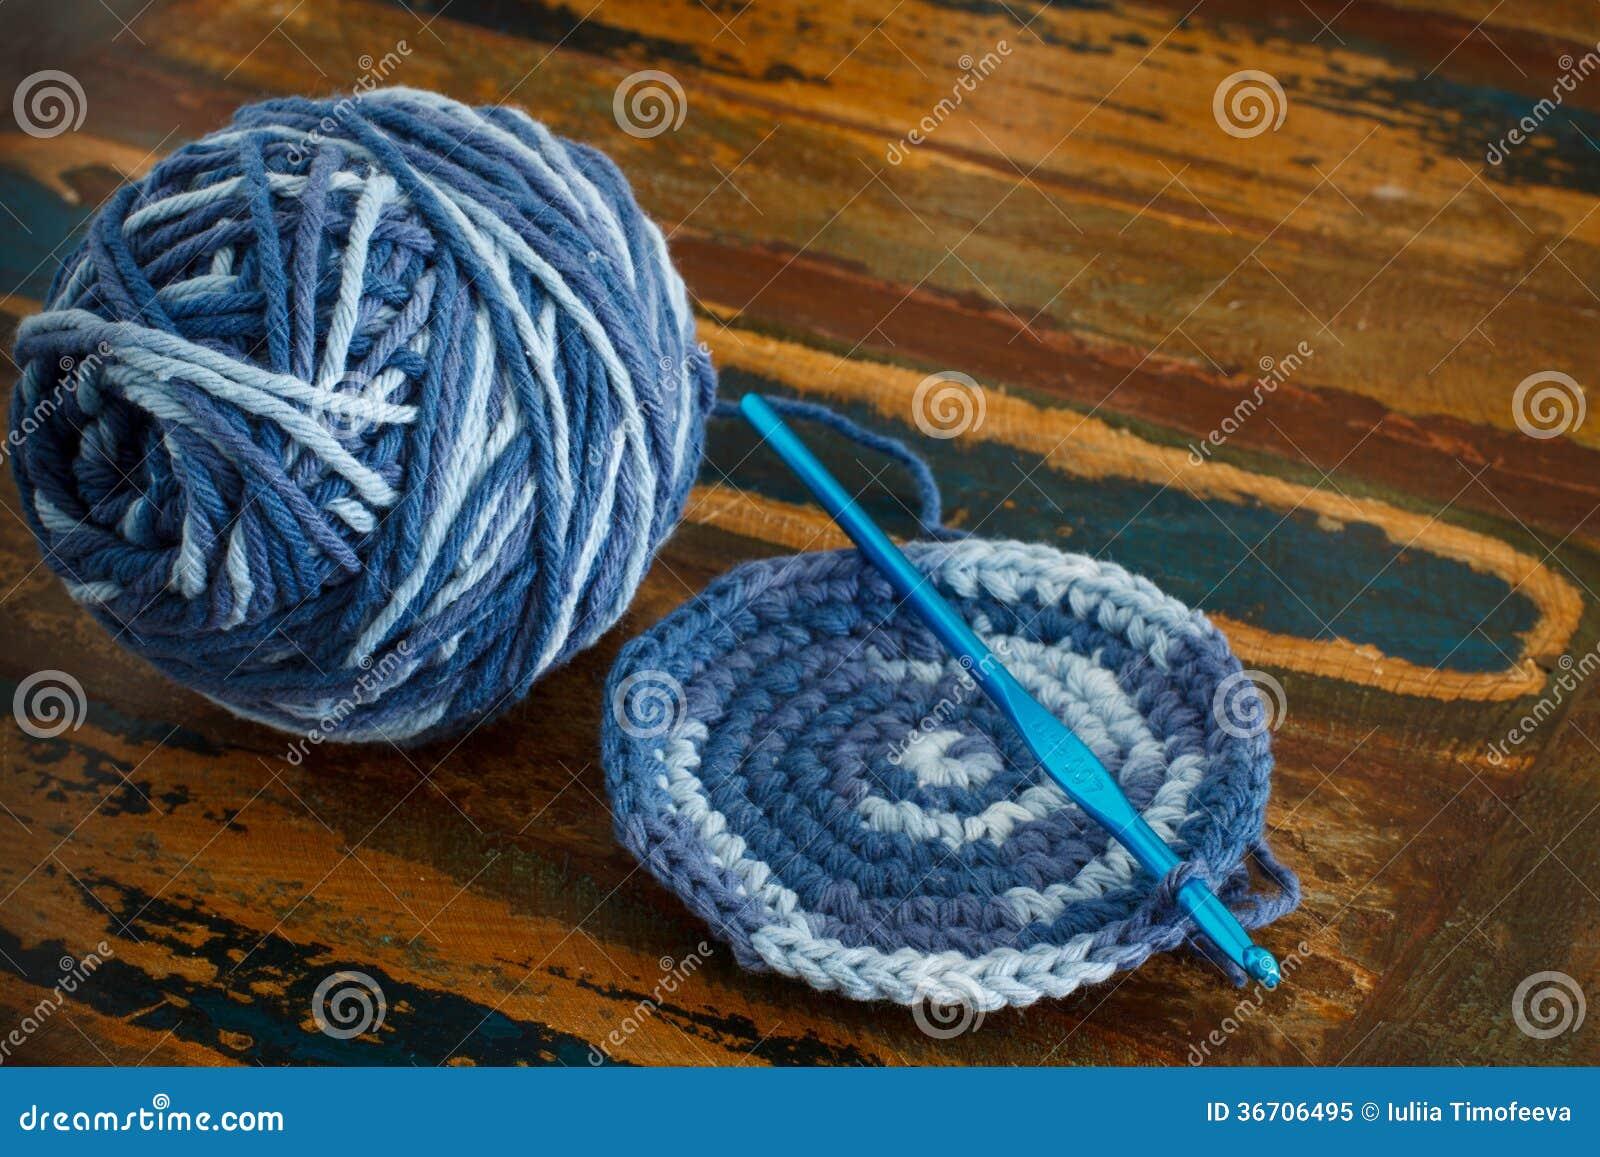 Crochet Potholder Stock Image Image Of Round Decoration 36706495